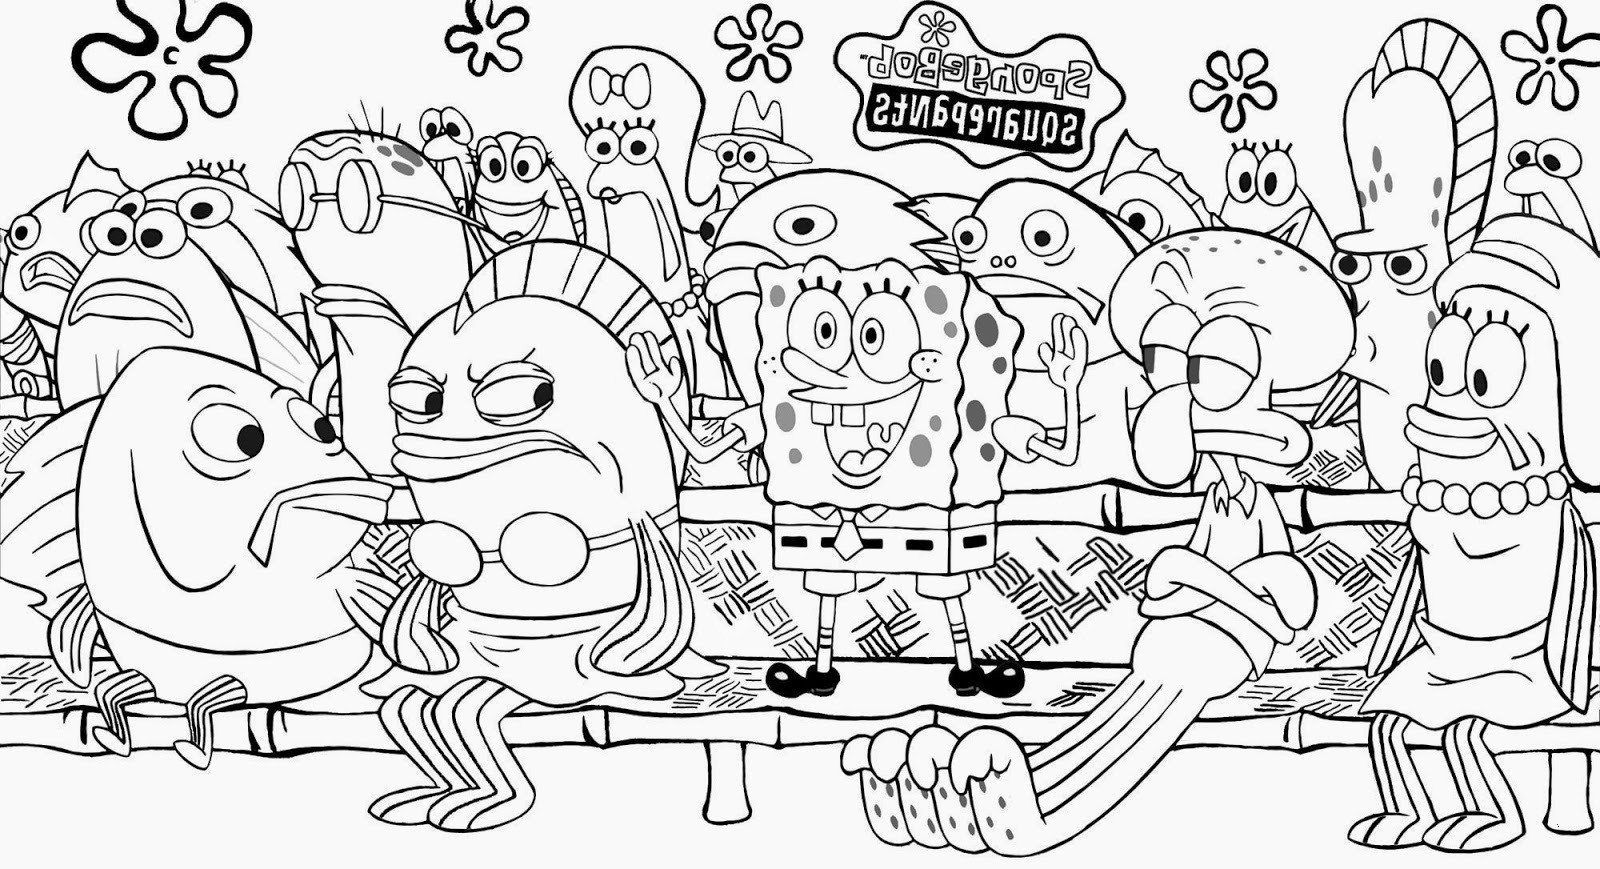 Ausmalbild Weltkugel Mit Kindern Das Beste Von 32 Fantastisch Ausmalbild Winter – Malvorlagen Ideen Sammlung